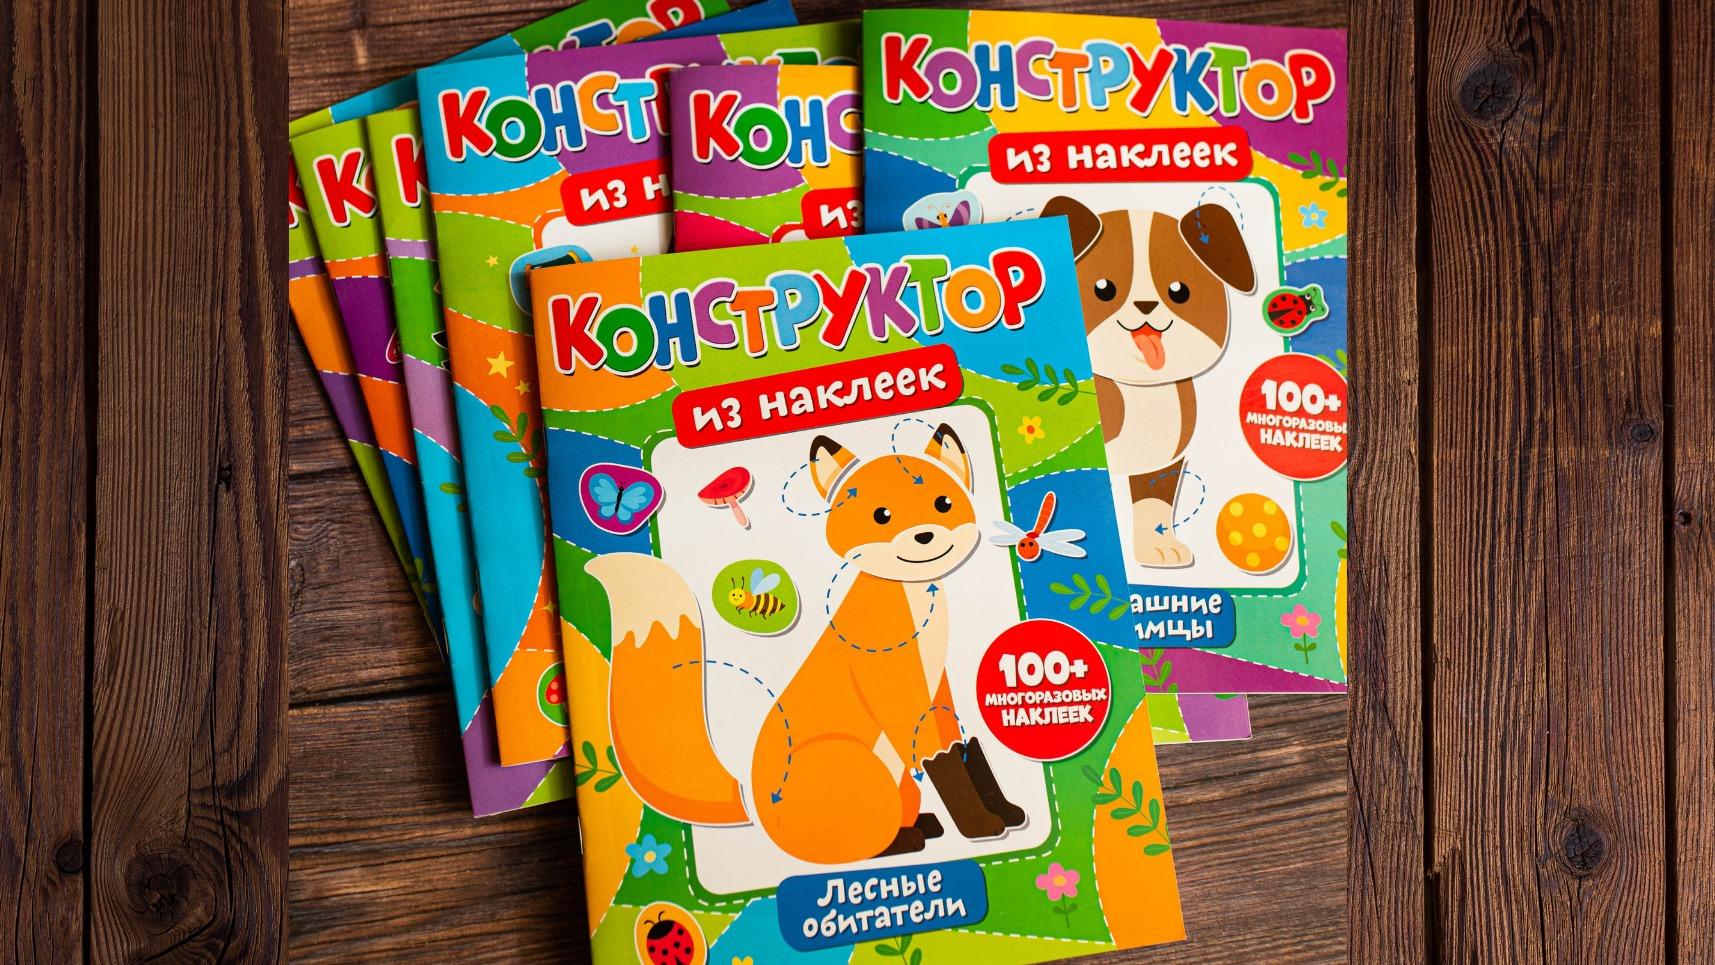 Как развить у ребёнка логическое мышление и кругозор / 8 развивающих книг